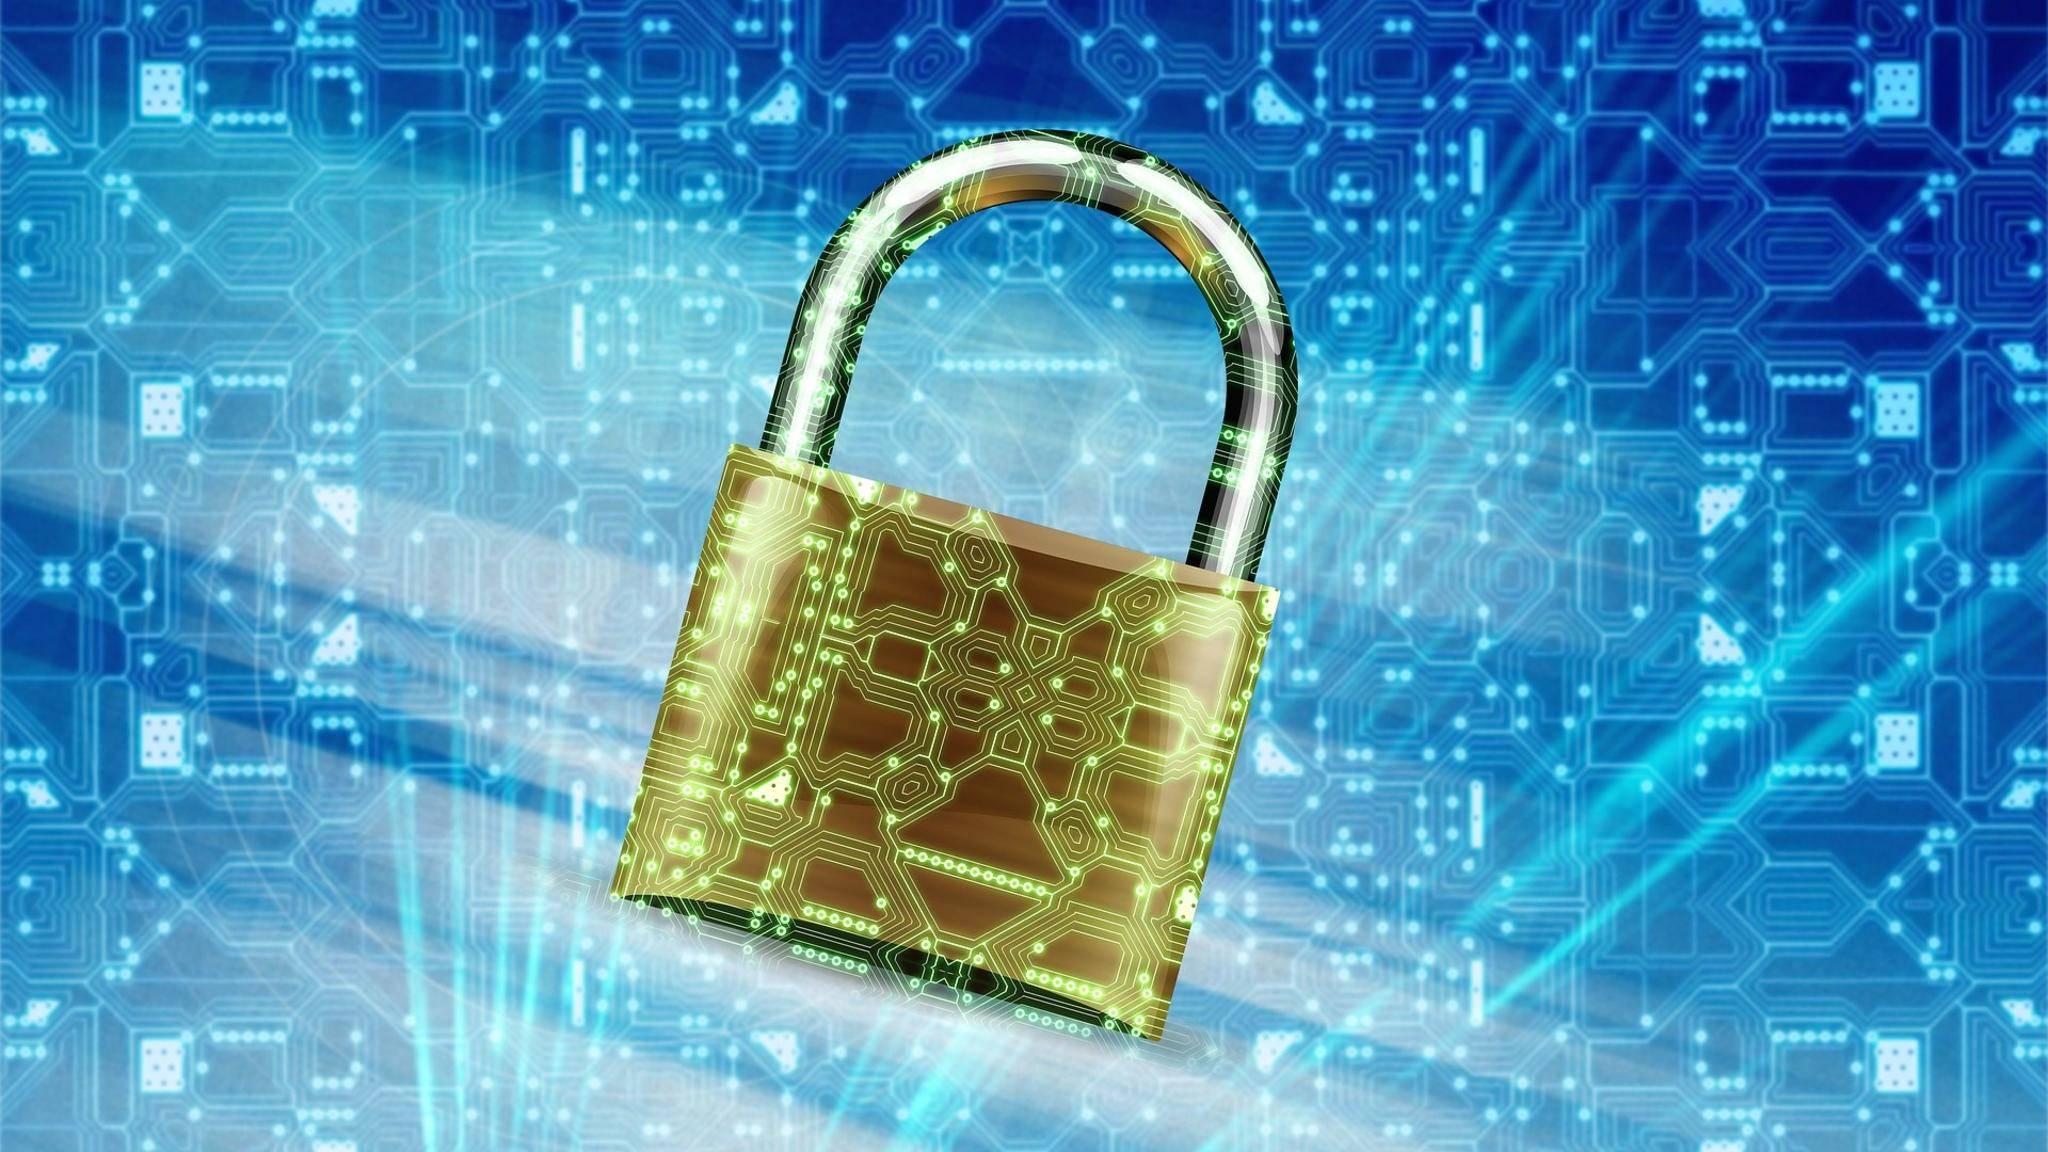 Die Antivirensoftware von Avast wurde jahrelang für eine riesige Datensammelaktion genutzt.